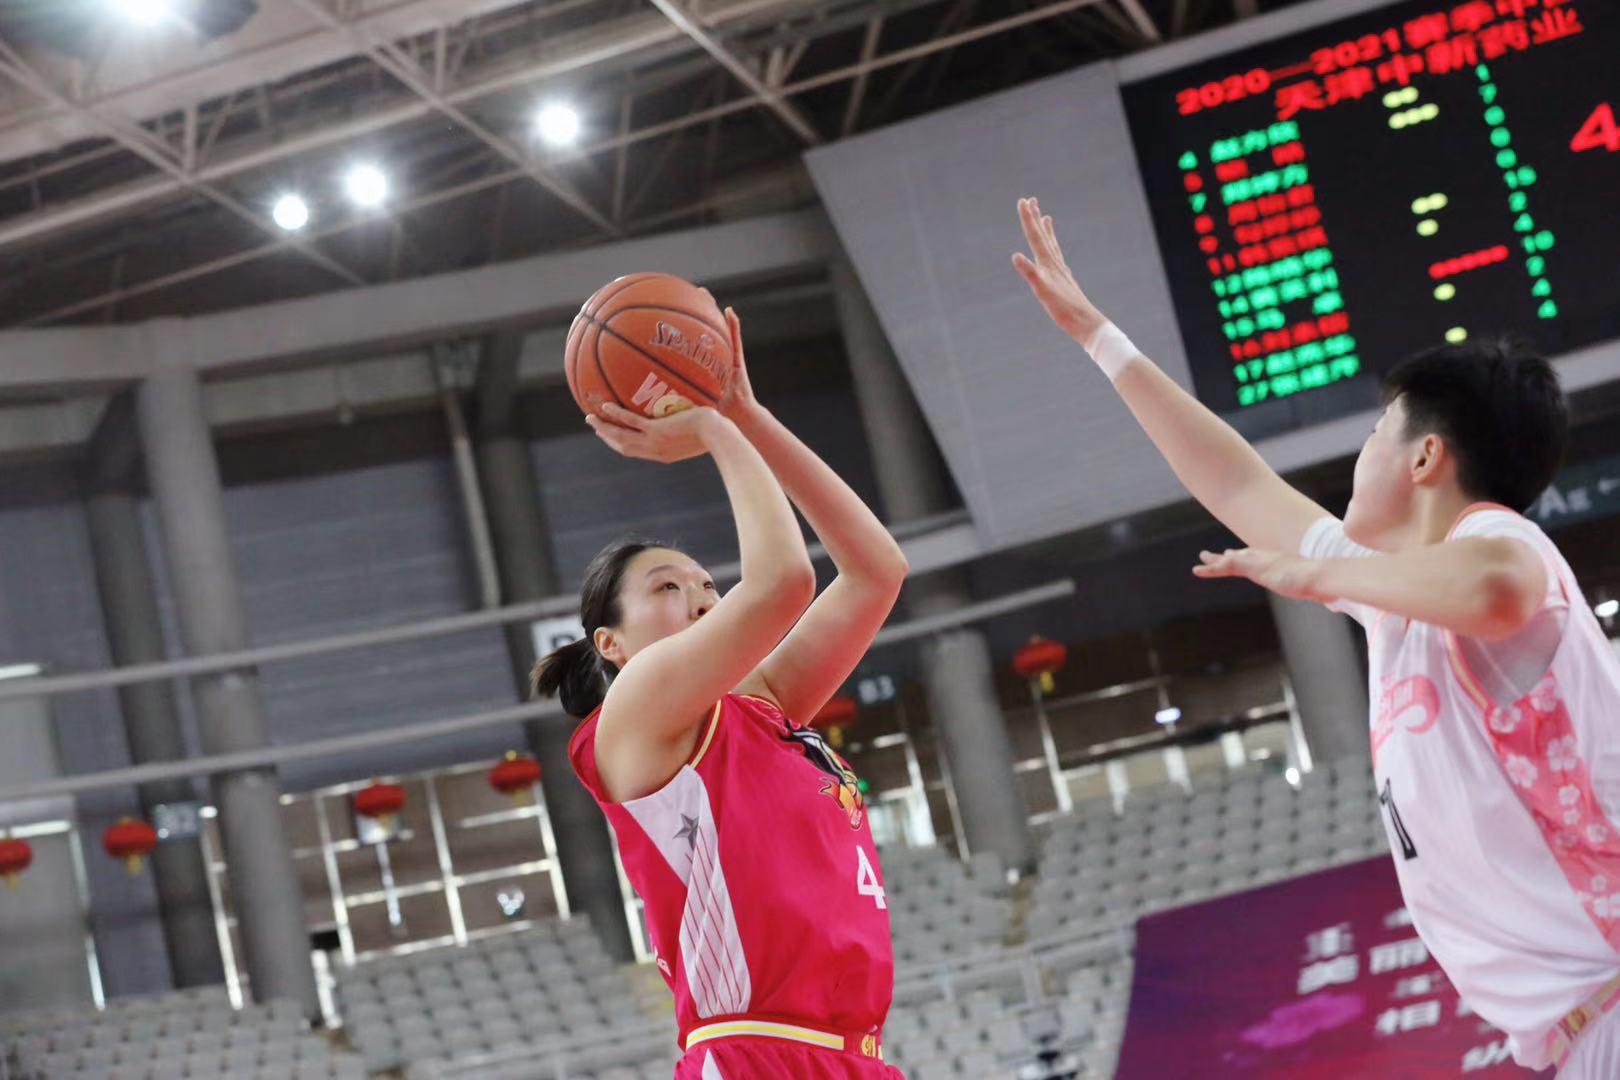 女籃聯賽綜合:山西輕取天津 武漢十二連敗